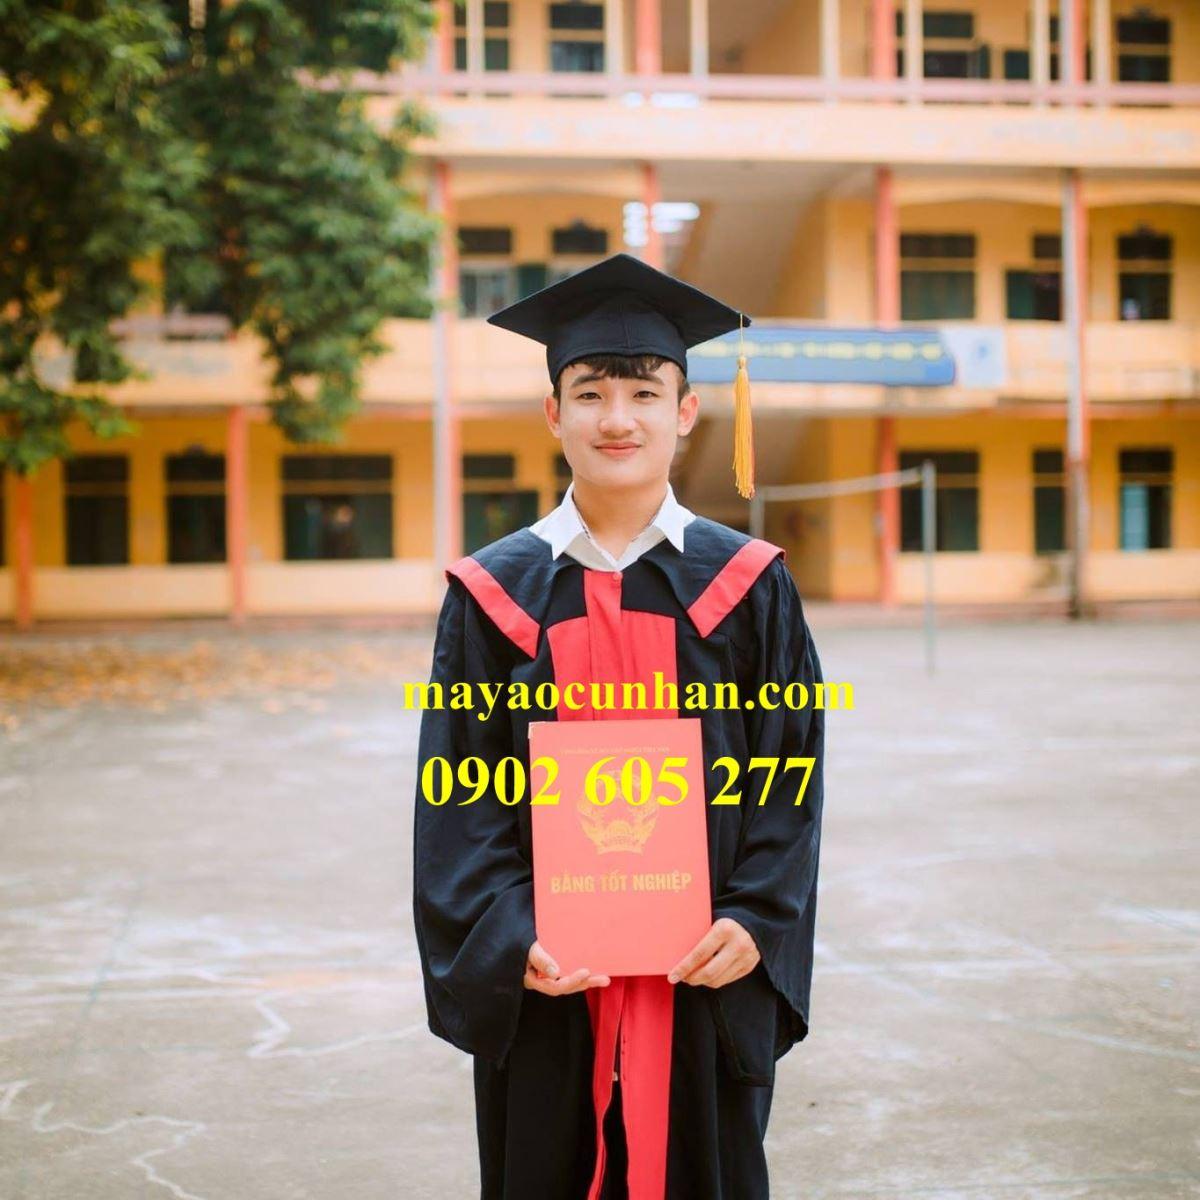 Cần may đồ tốt nghiệp số lượng lớn năm 2020